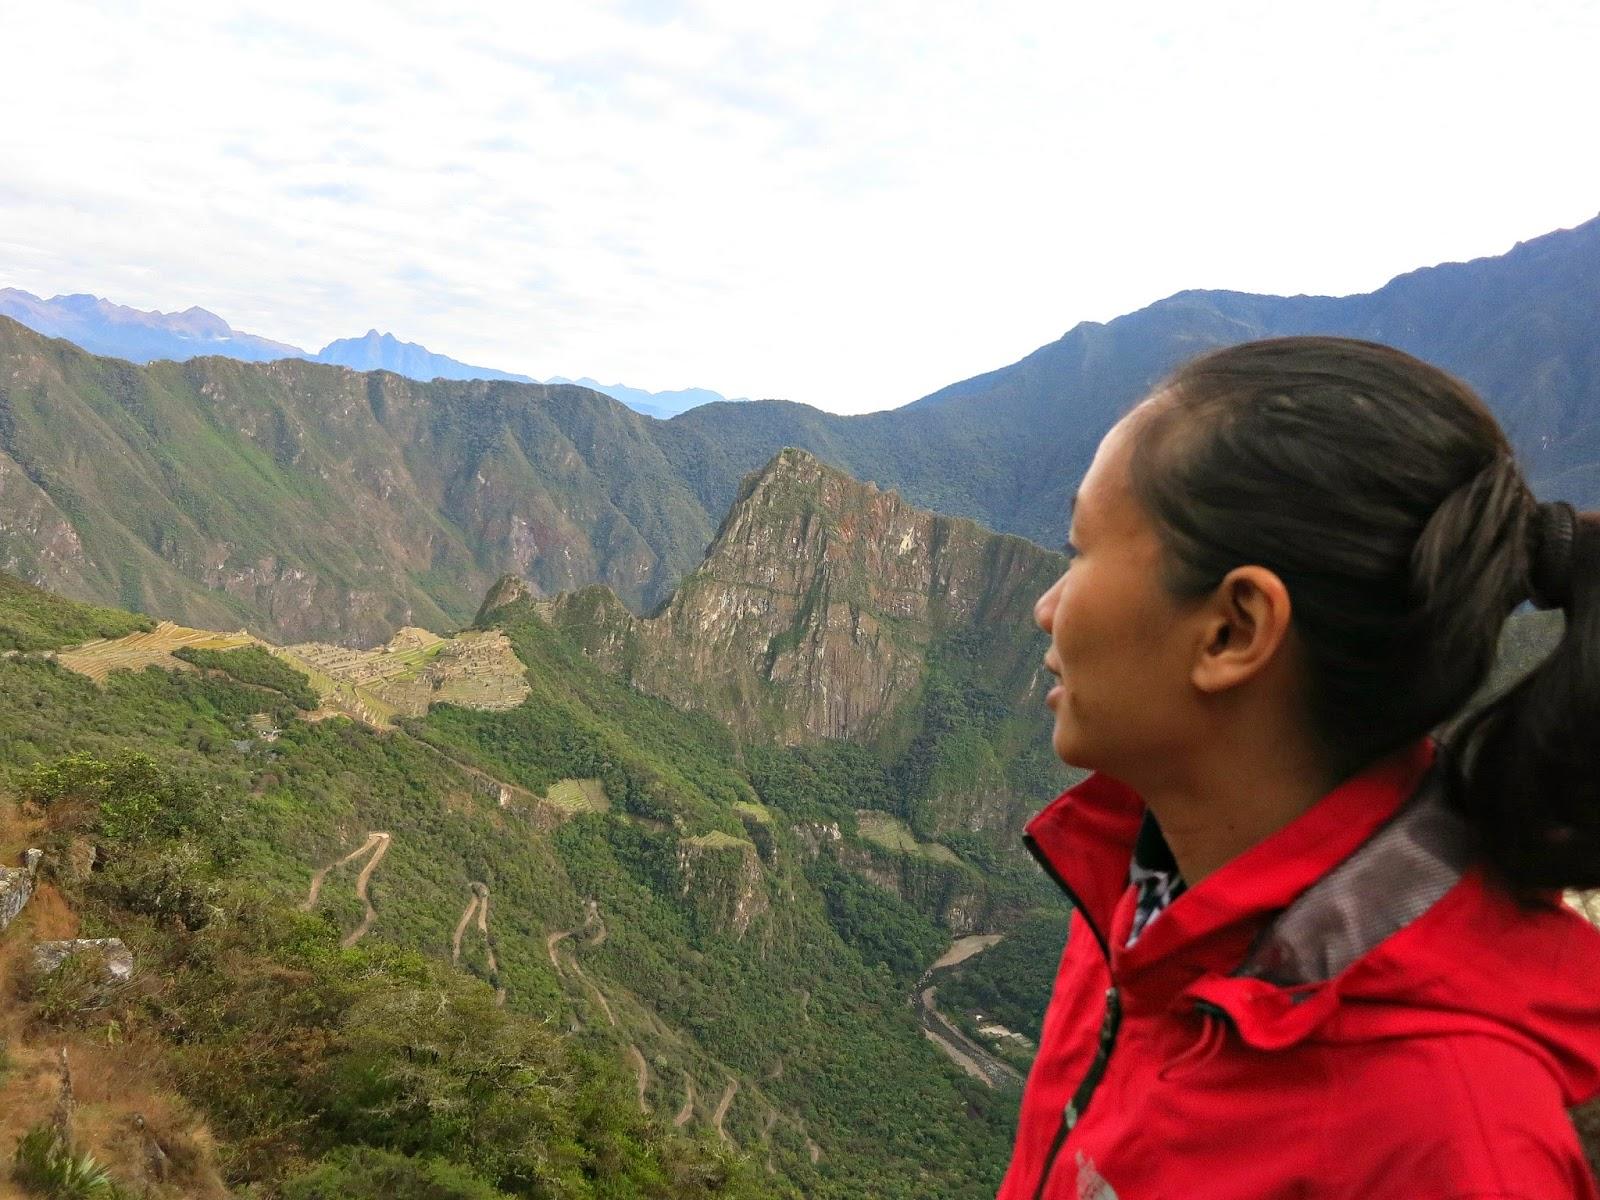 View of Machu Picchu from Inti Punku, Peru July 2014